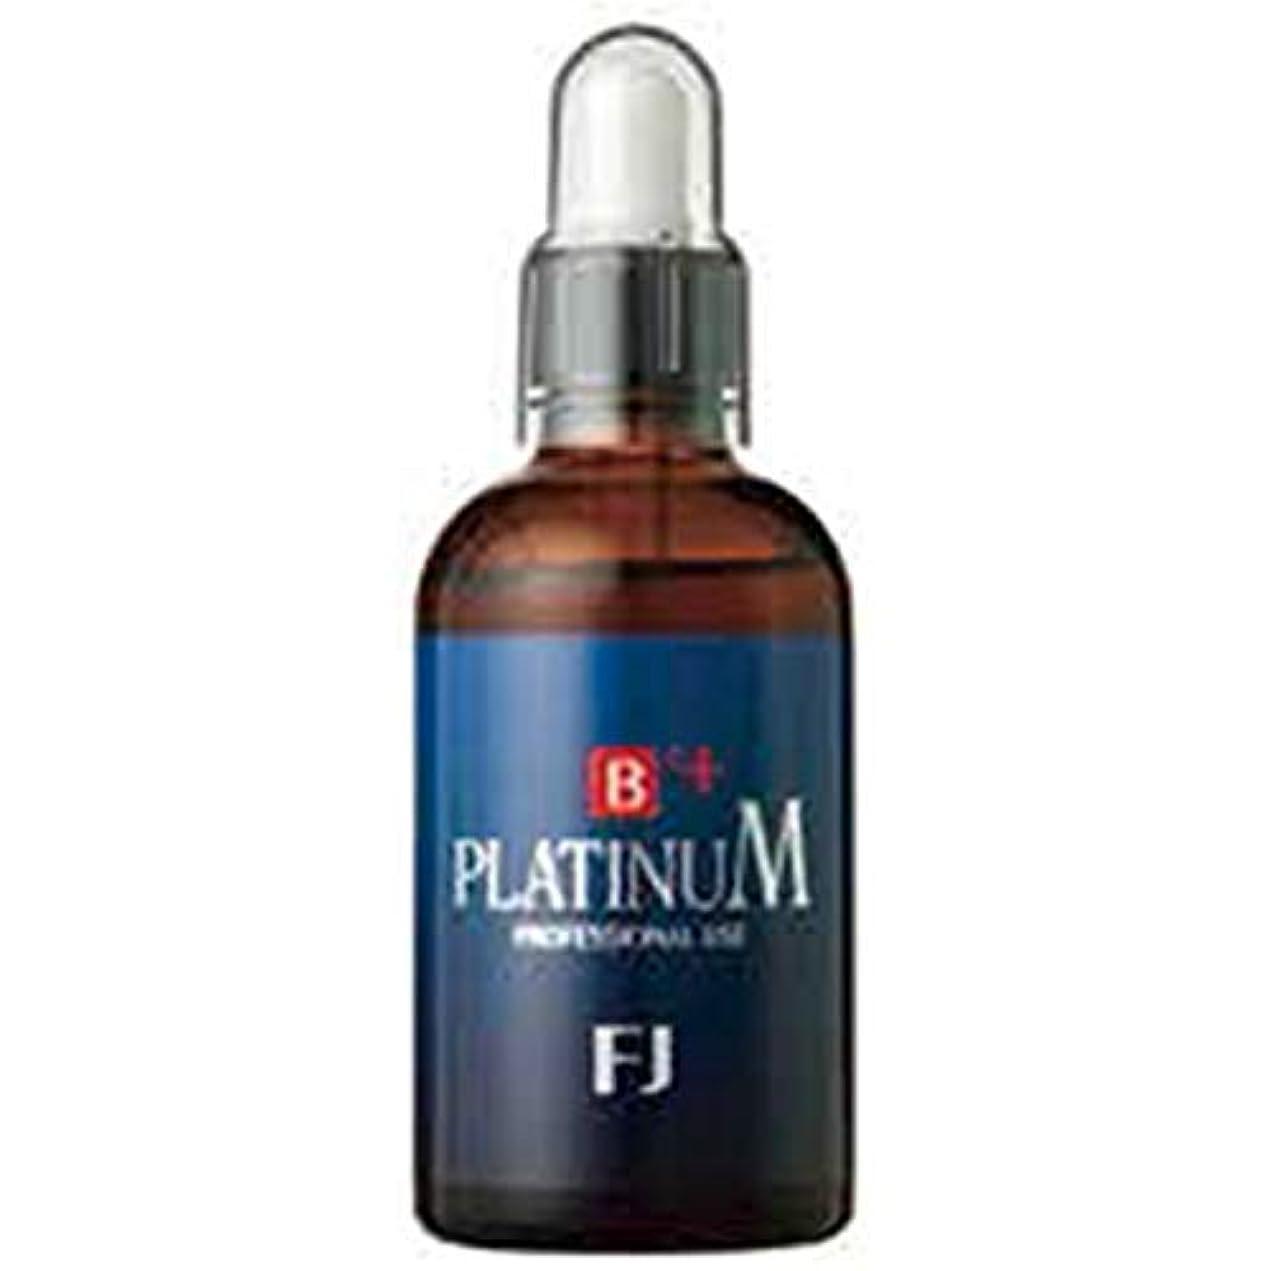 終わったクアッガの面では【ビューティー プラチナム】 PLATINUM B'+  フォスファチジルコリン20%高濃度美容液  :100ml